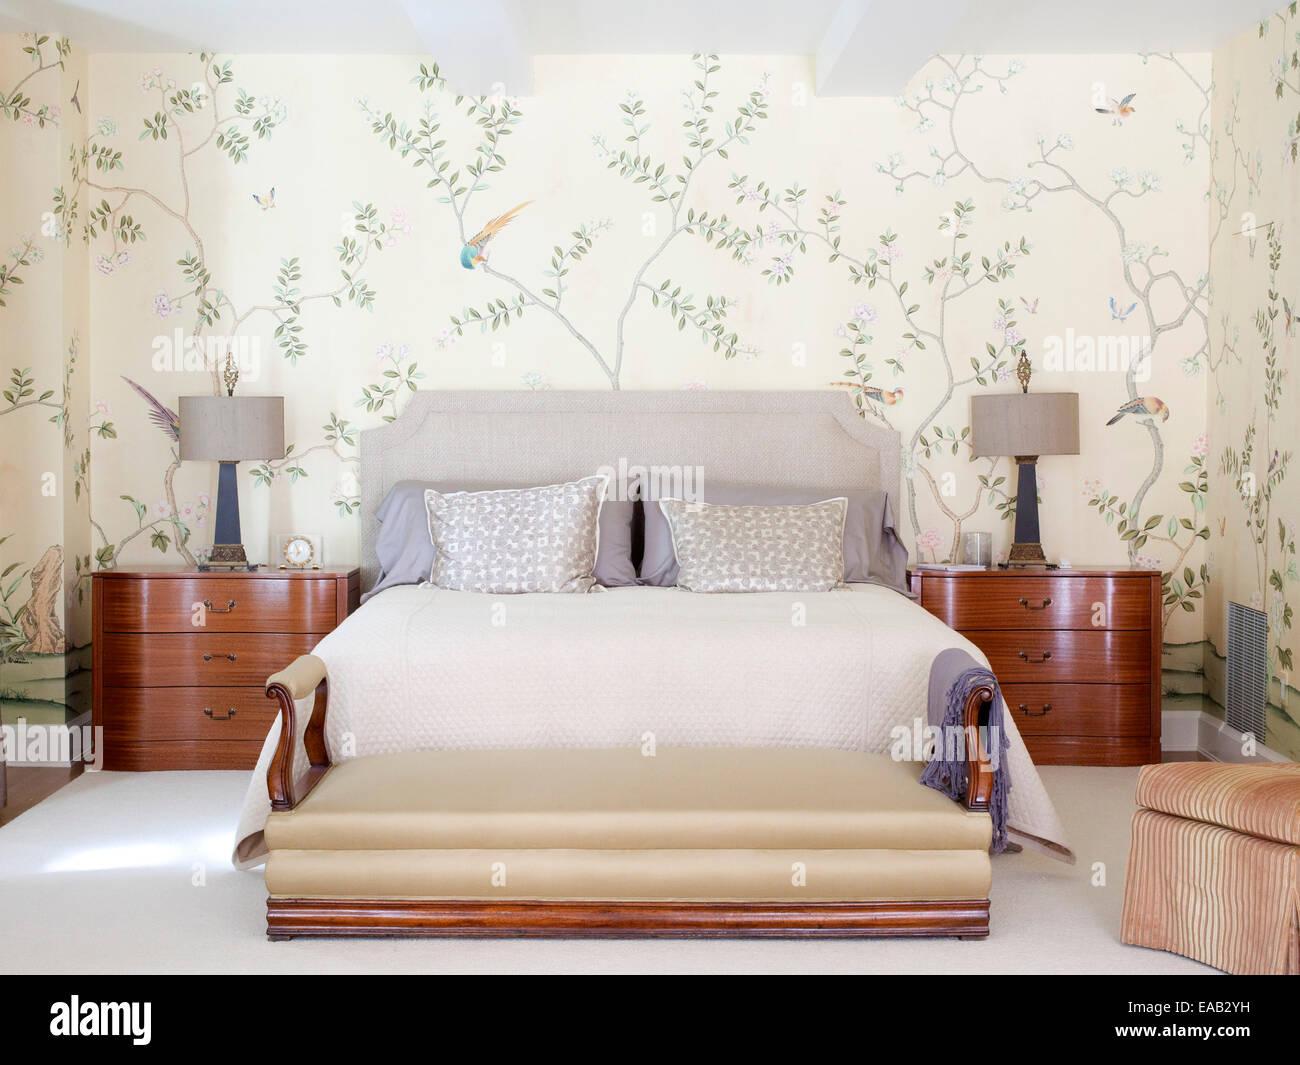 Traditionelle gehobene Schlafzimmer Stockbild